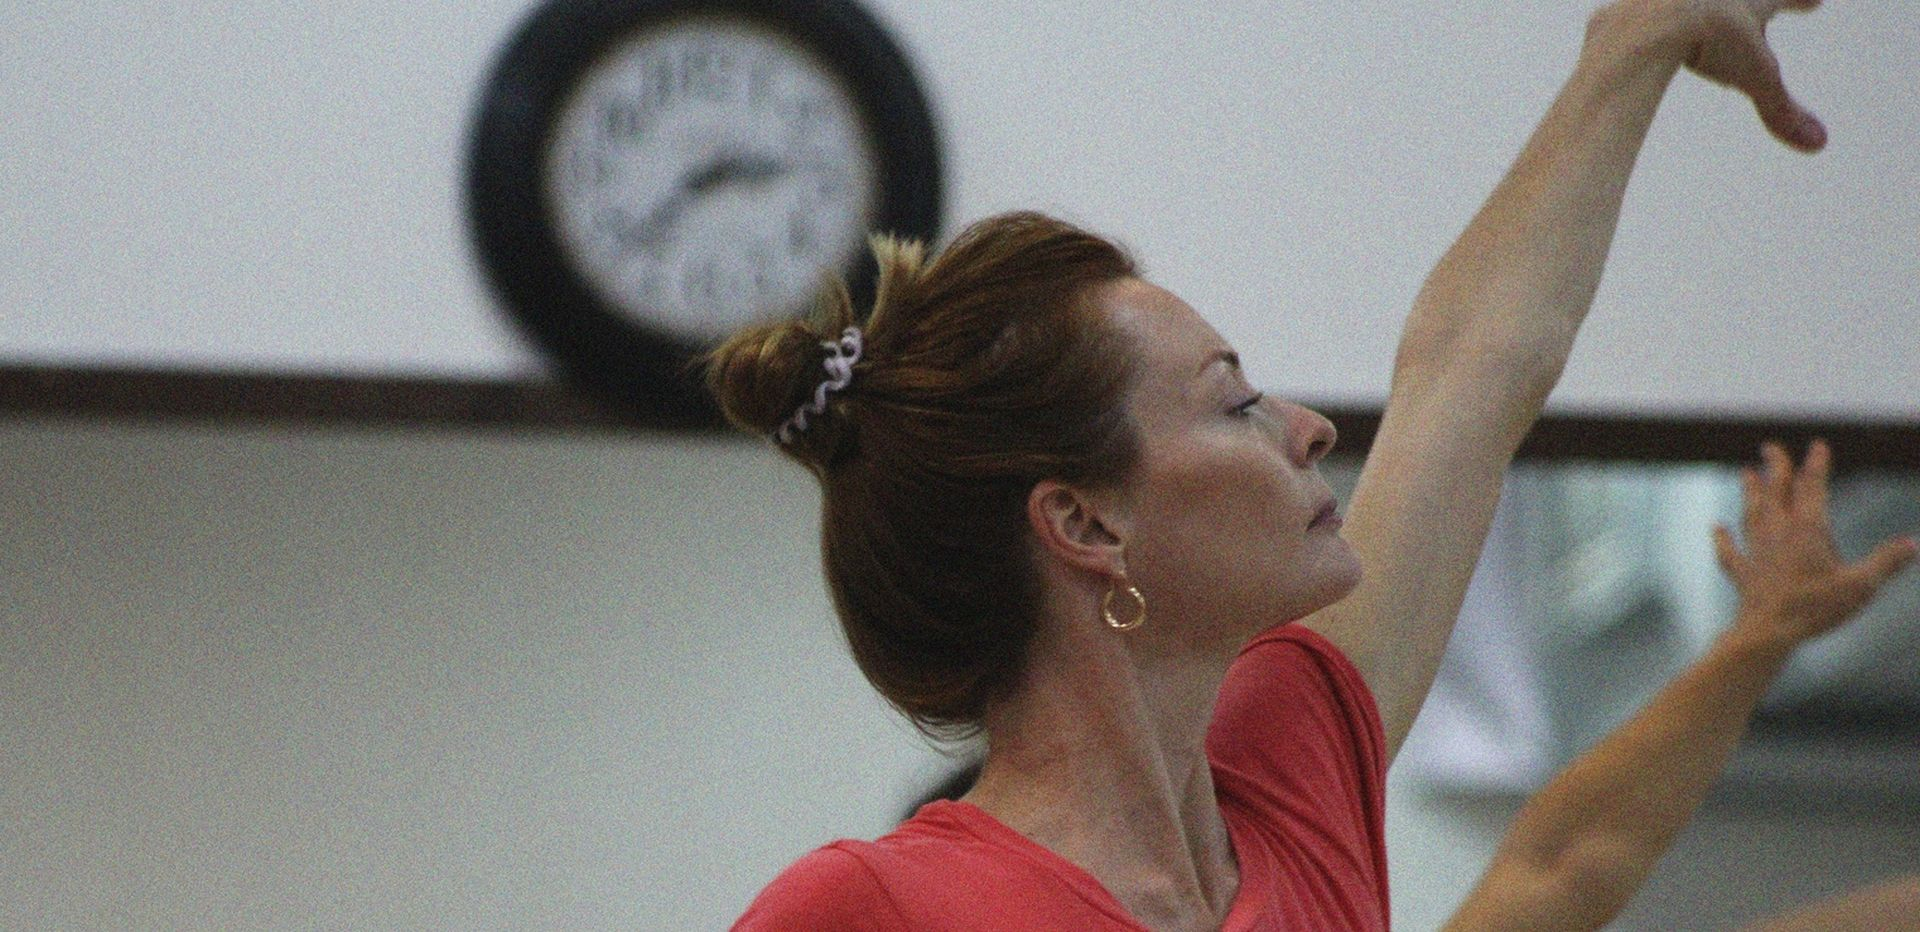 """HNK IVAN PL. ZAJC DANCE LAB Baletna predstava """"U svakom slučaju"""" u subotu, 18.11."""